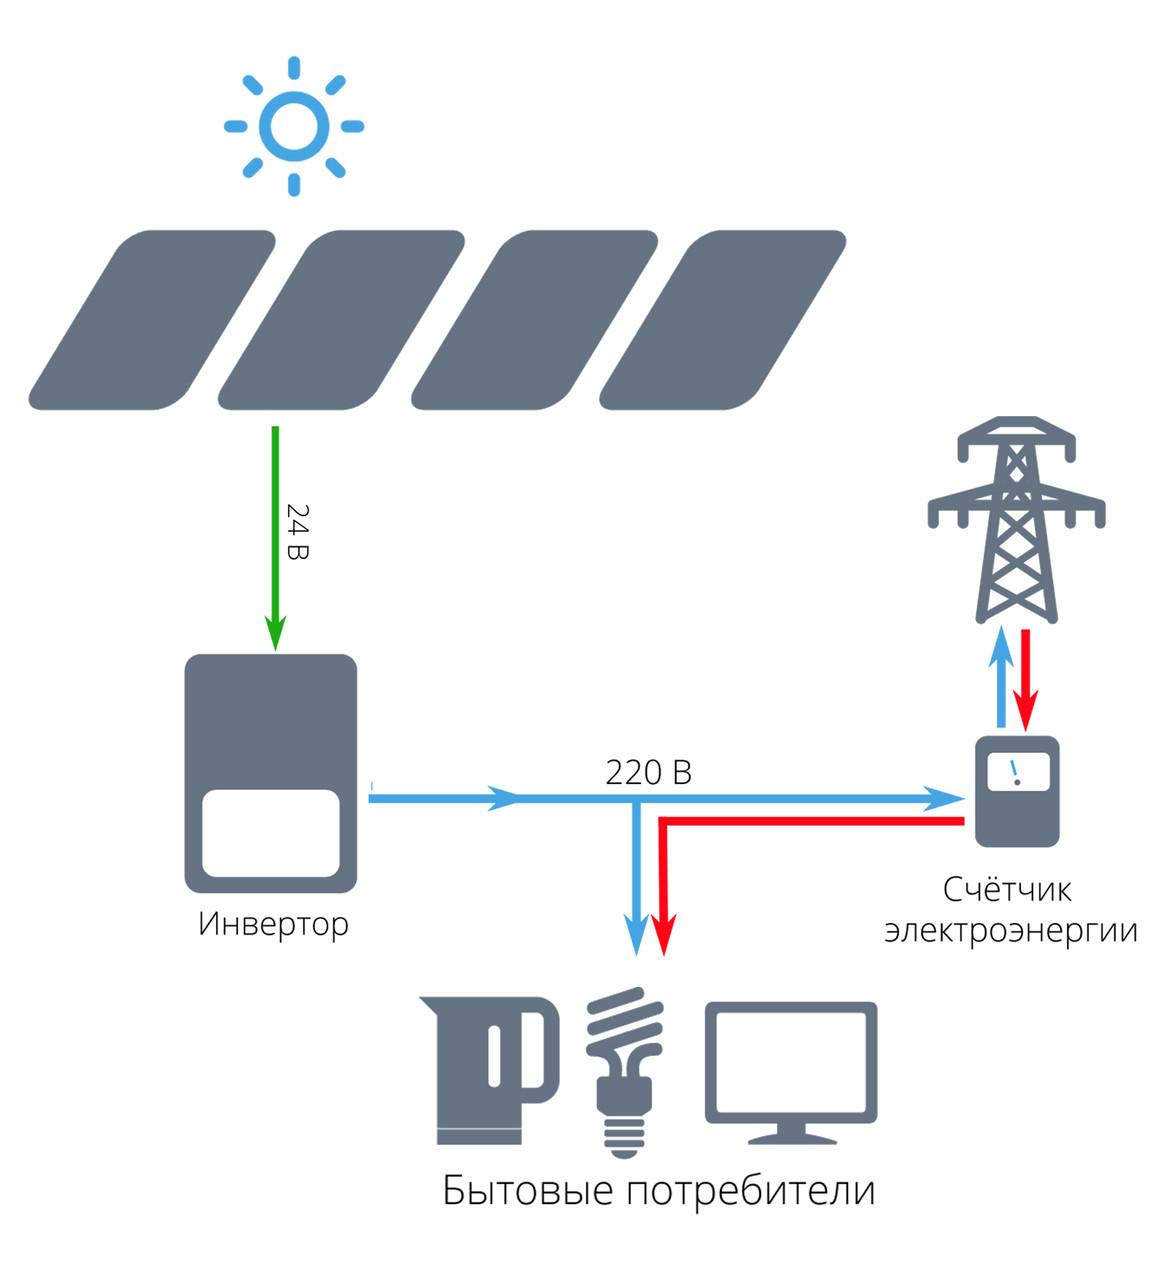 """Сетевая солнечная электростанция для дома 10 кВт под """"зеленый тариф"""" - EKONOM"""